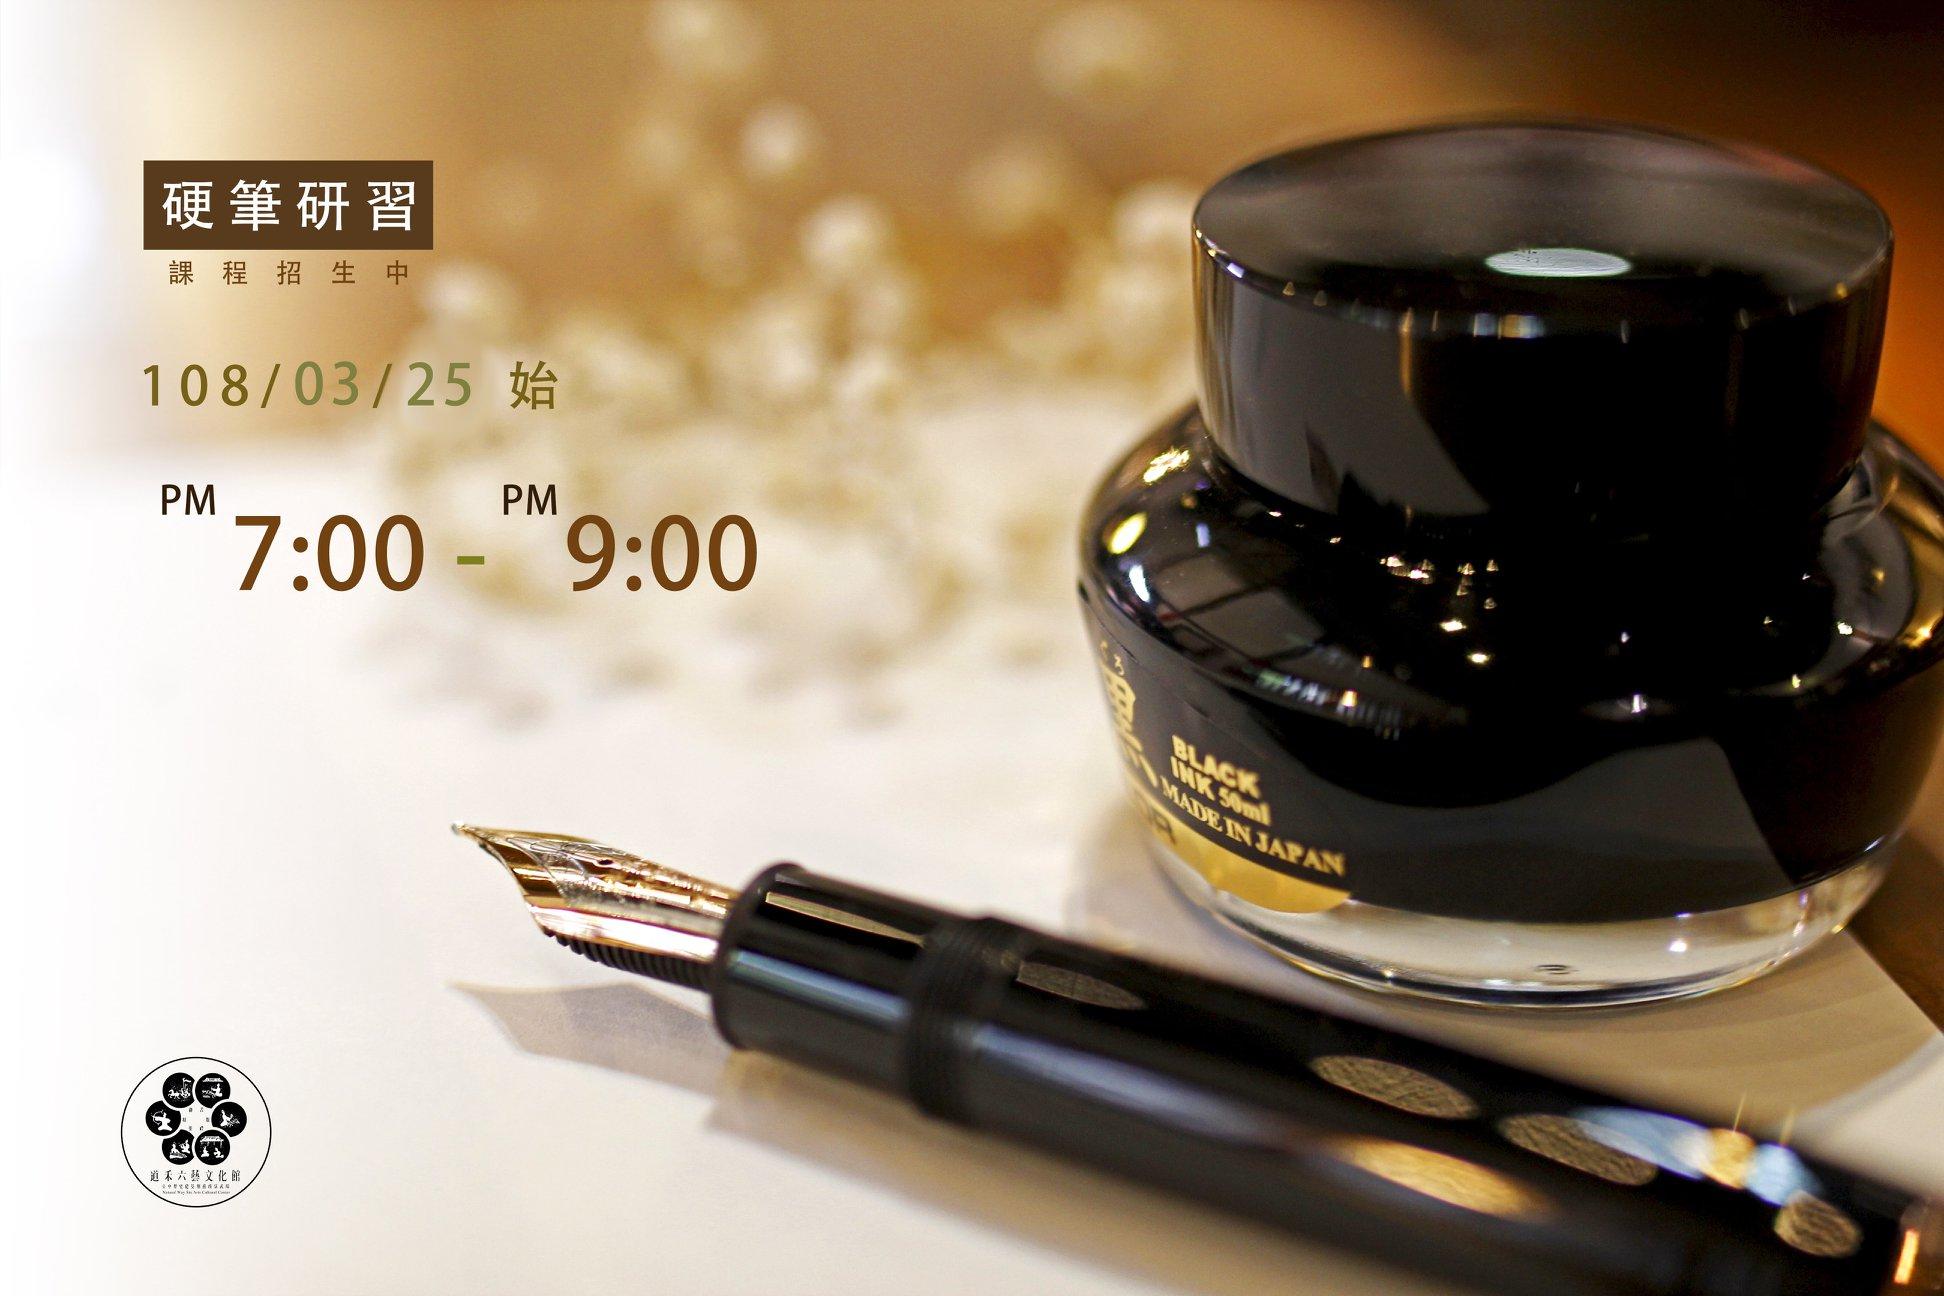 【習六藝●書】 硬筆研習 即將開班